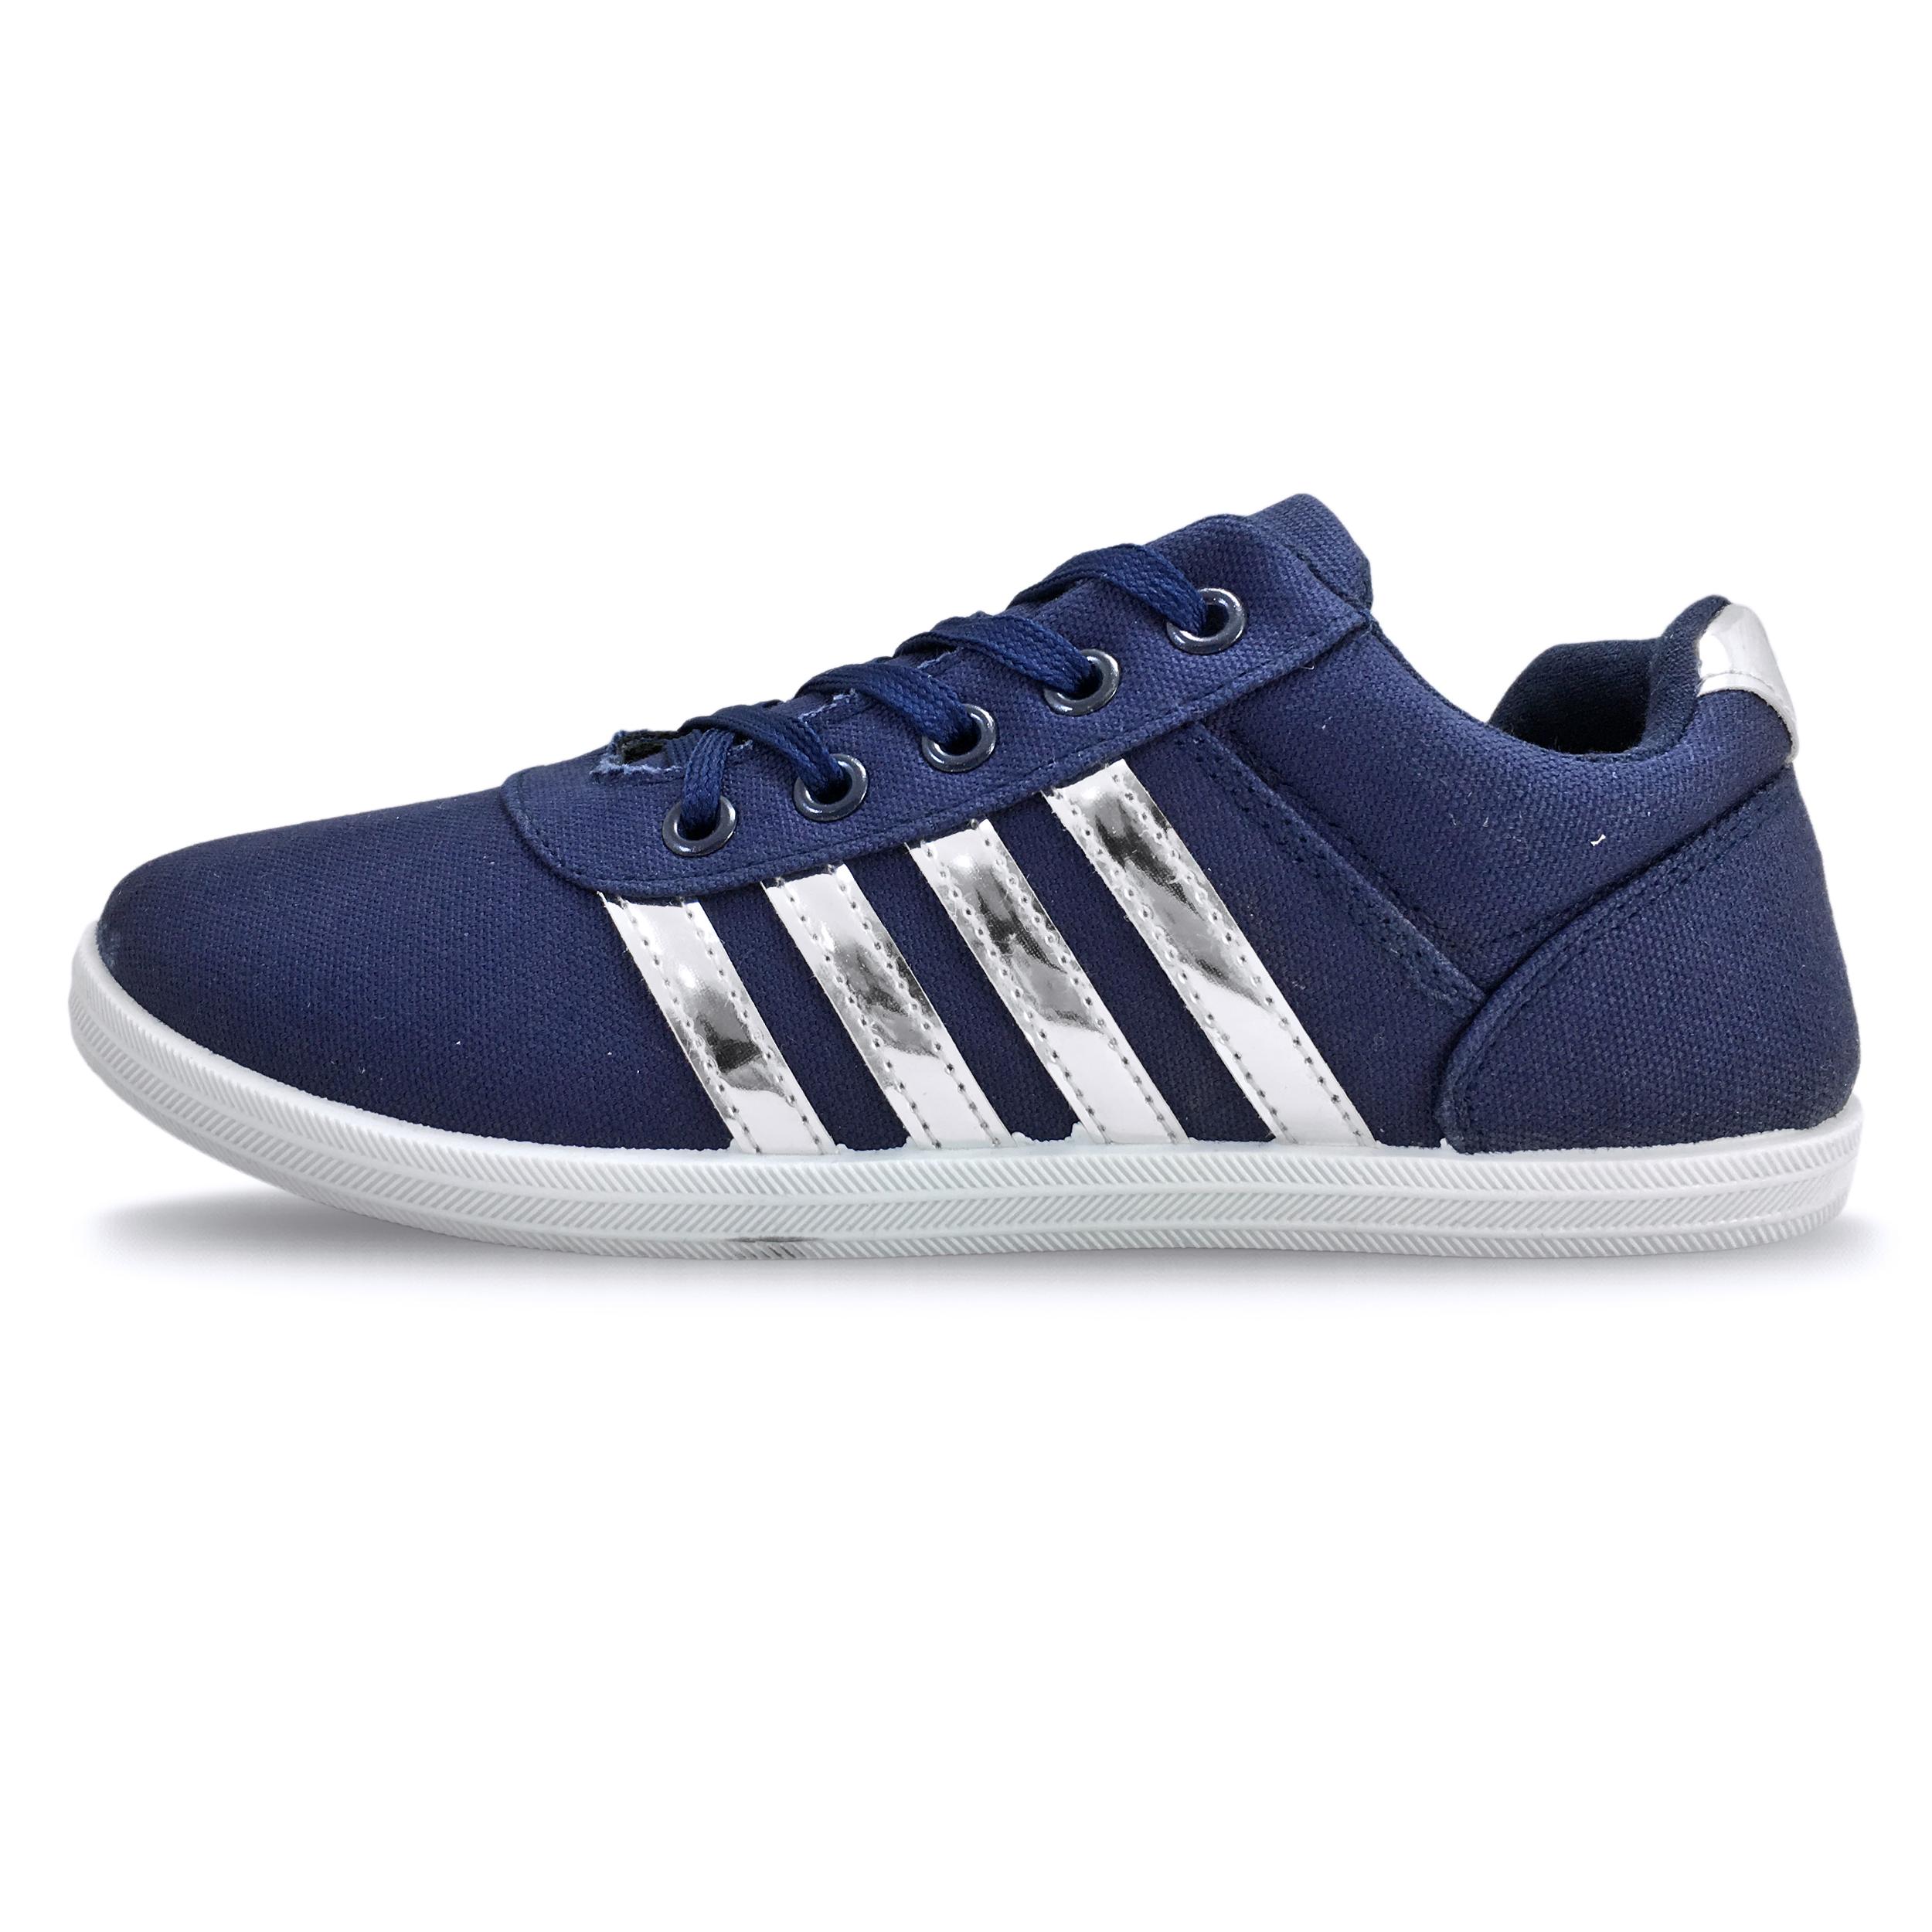 خرید کفش مخصوص پیاده روی زنانه نسیم مدل پاییزان کد 3673